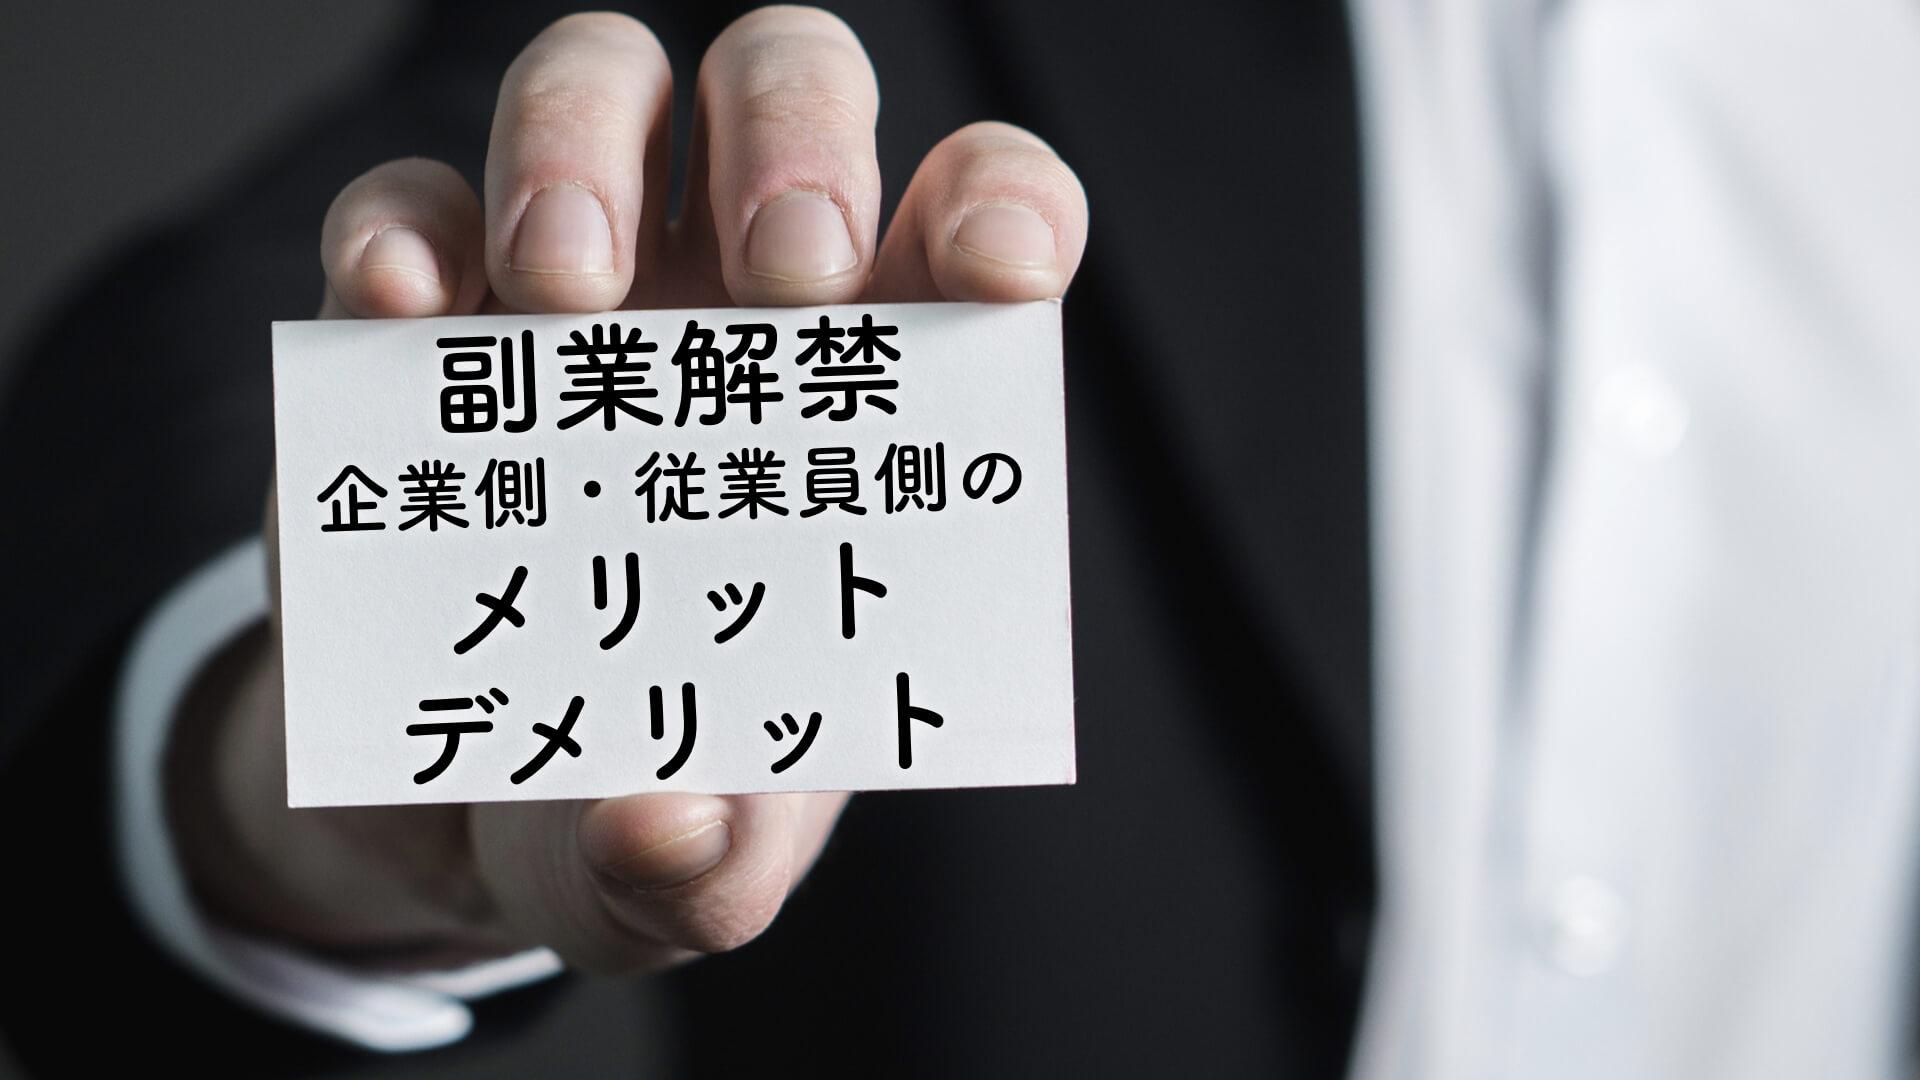 【副業解禁】従業員側・企業側のメリット・デメリット